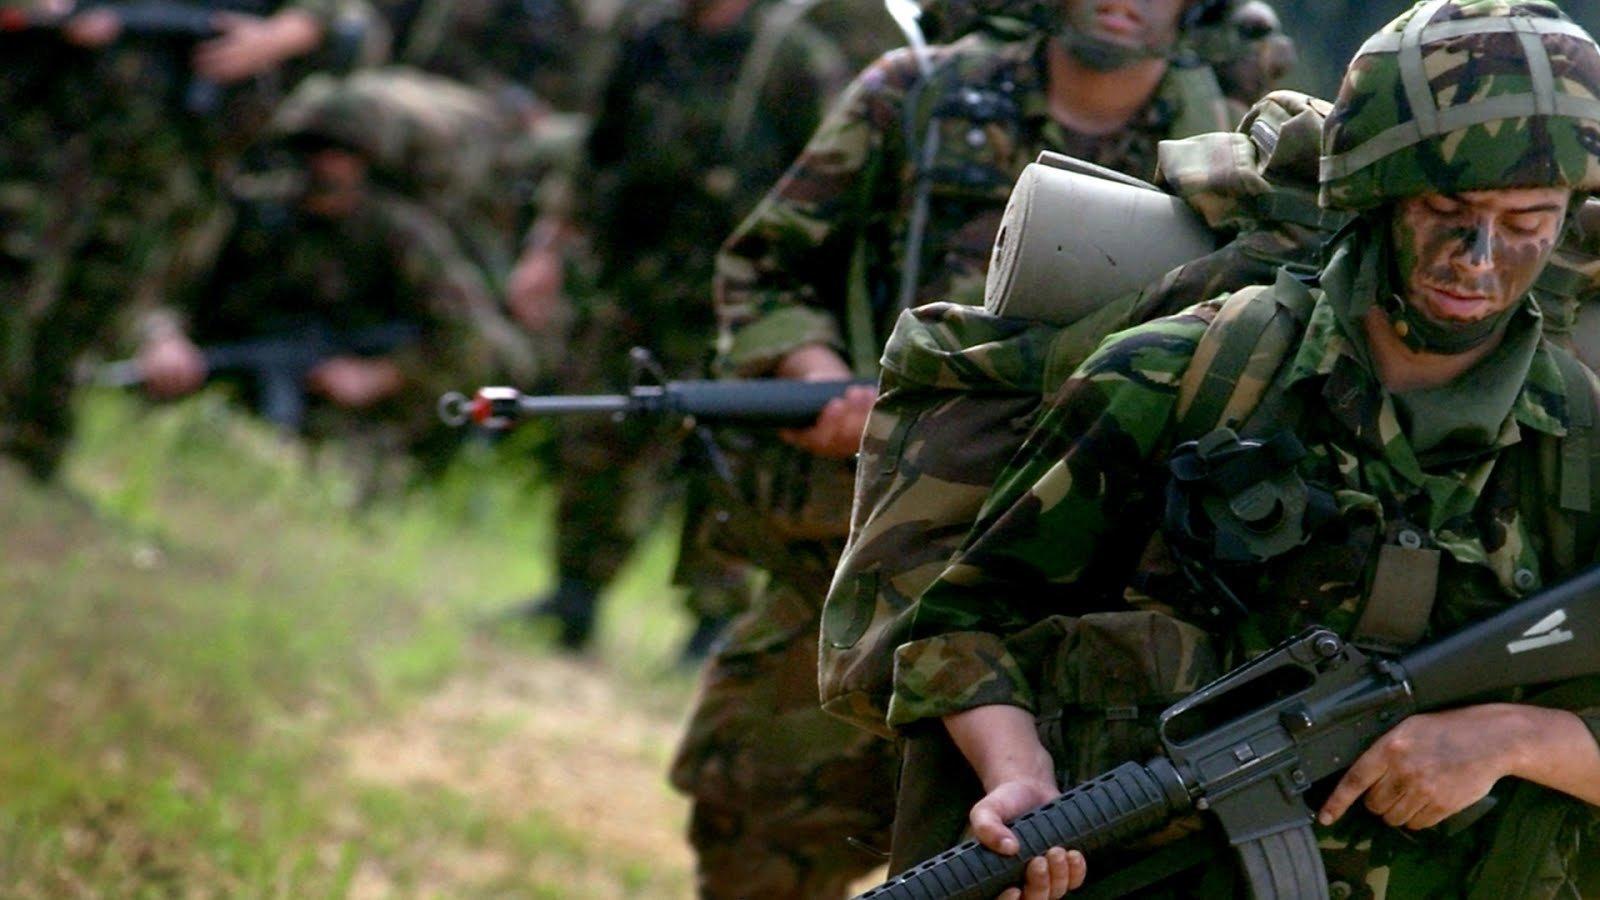 Bedelli Askerlik Kredisi Nasıl Alınır